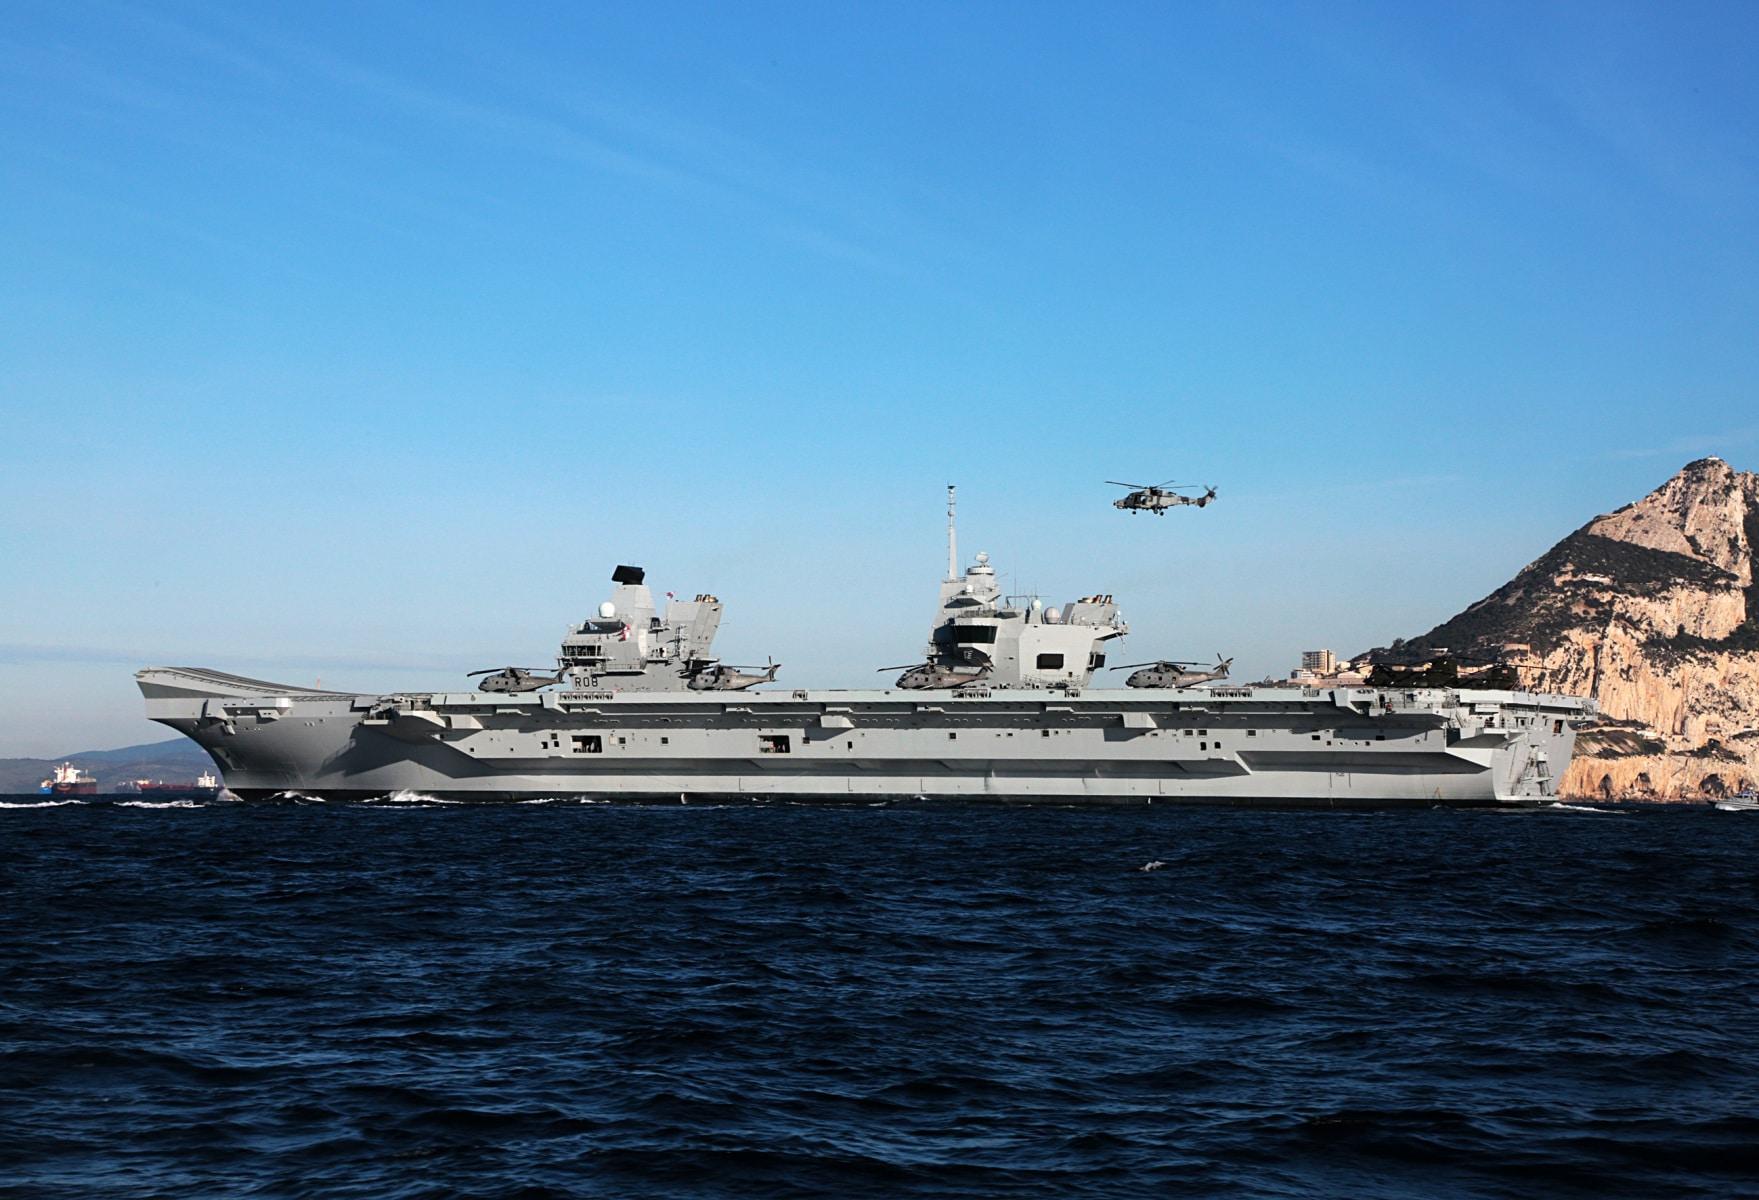 portaaviones-hms-queen-elizabeth-llegando-a-gibraltar-imagen-tomada-desde-uno-de-los-buques-de-apoyo-via-royal-navy-18_40133899952_o